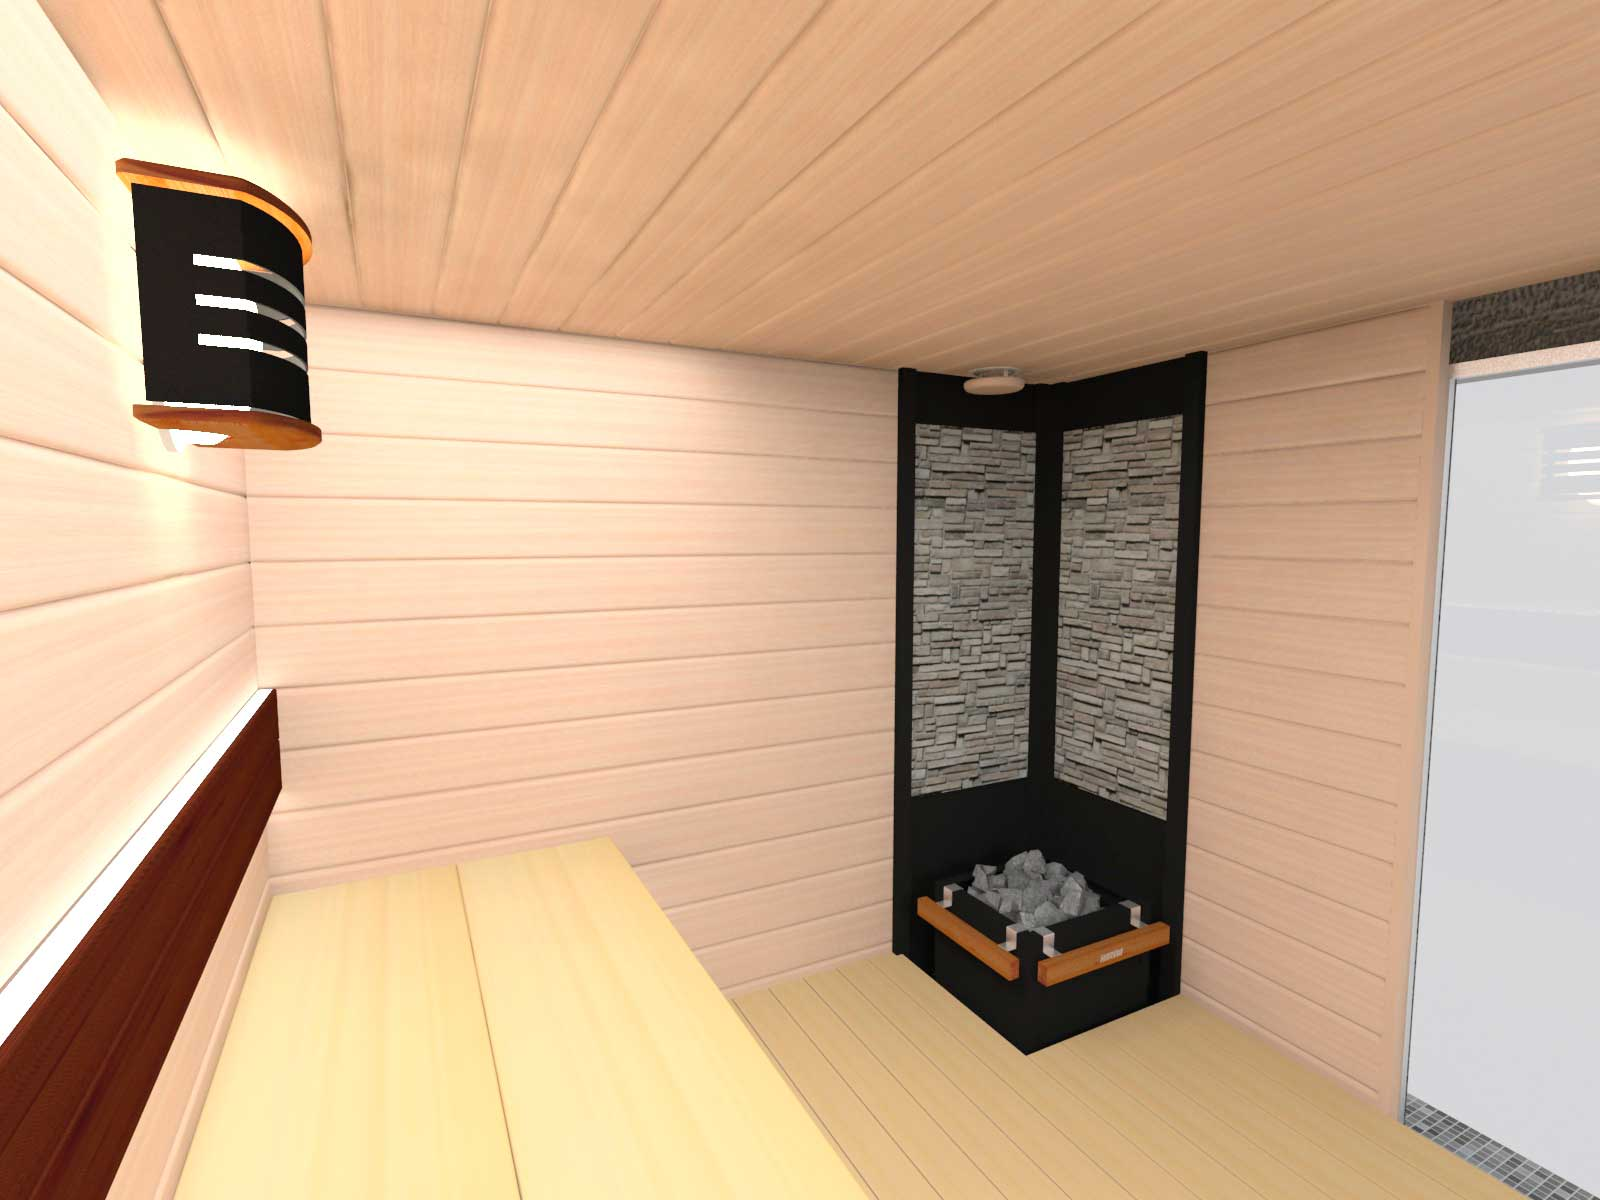 Full Size of Sauna Selber Bauen Wie Kann Man Eine Bett 140x200 180x200 Dusche Einbauen Im Badezimmer Einbauküche Neue Fenster Bodengleiche Nachträglich Küche Planen Wohnzimmer Sauna Selber Bauen